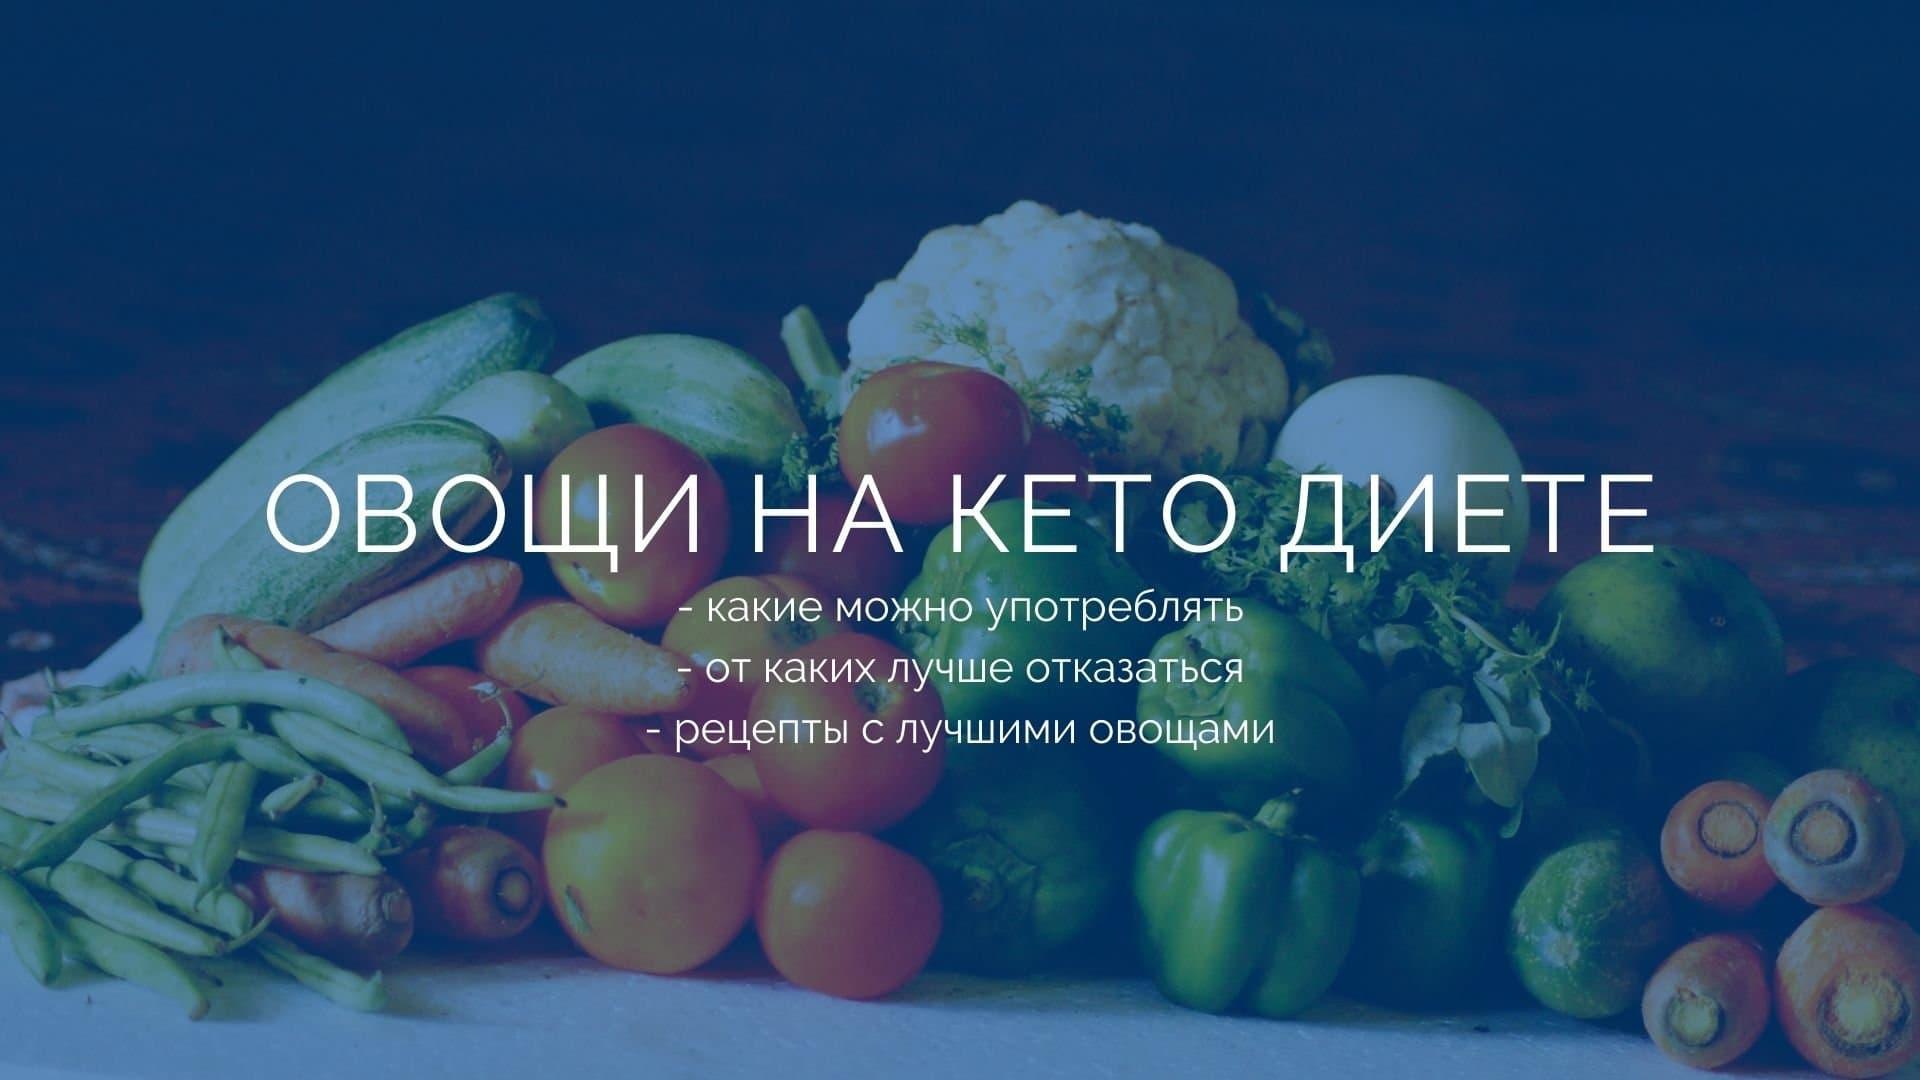 Овощи на кето диете: какие можно употреблять, от каких лучше отказаться, рецепты с лучшими овощами